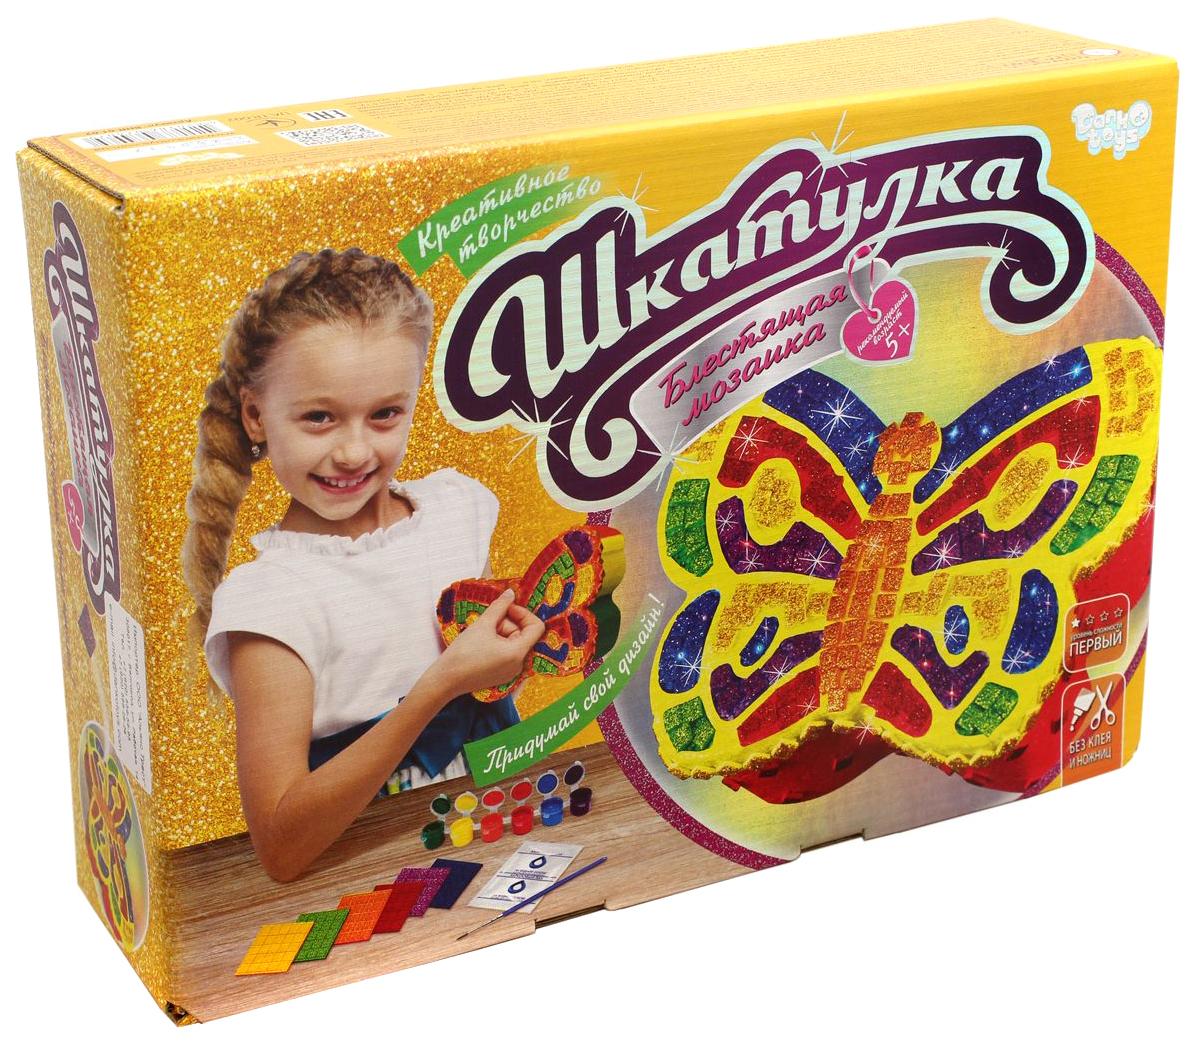 Купить Набор для творчества Danko Toys Шкатулка Блестящая мозаика Набор 2 ,